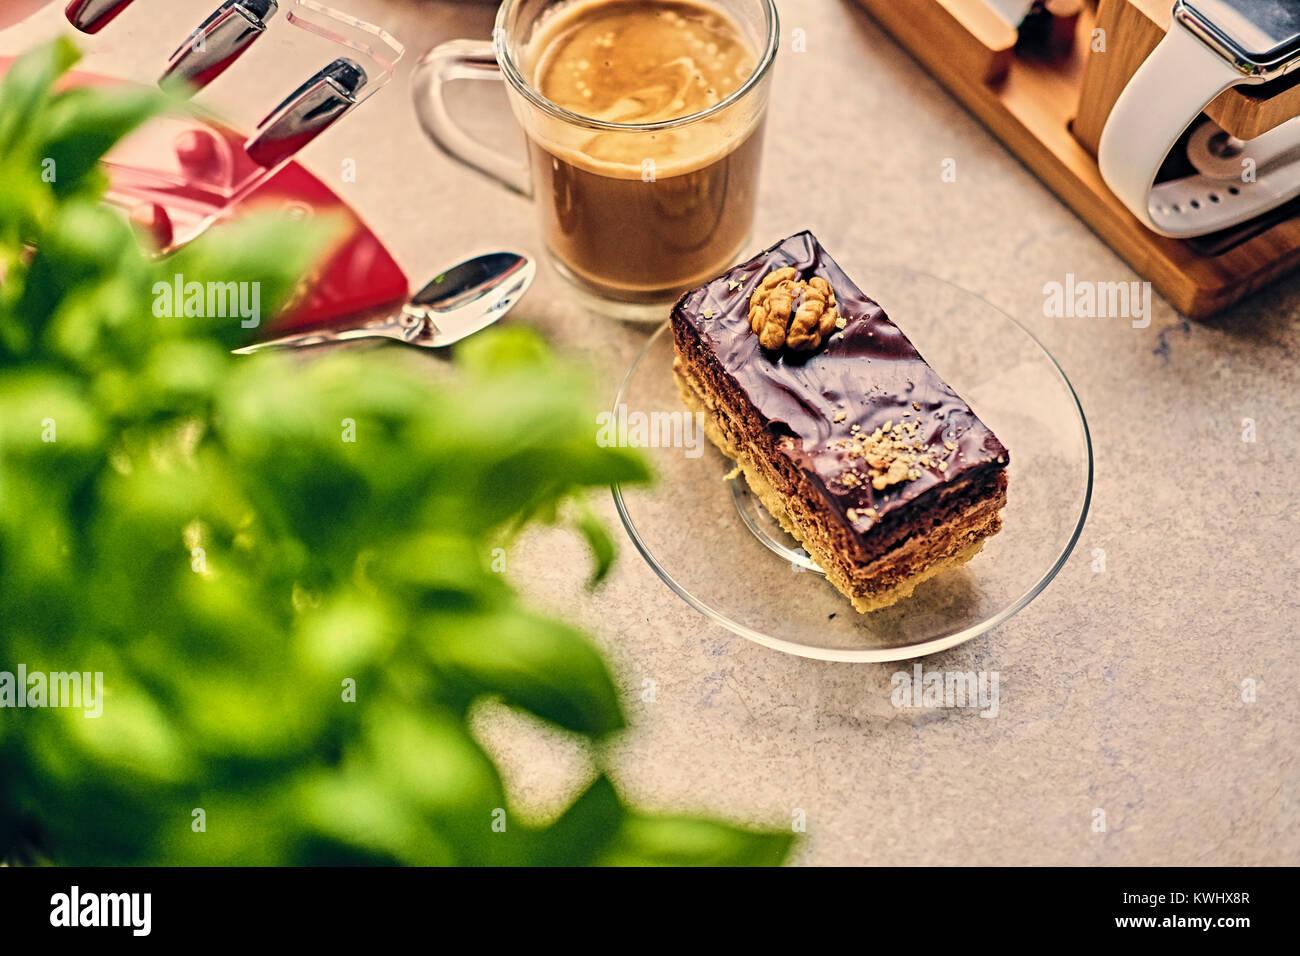 Tarta de dulce y deliciosa, las hierbas y la taza de café Imagen De Stock